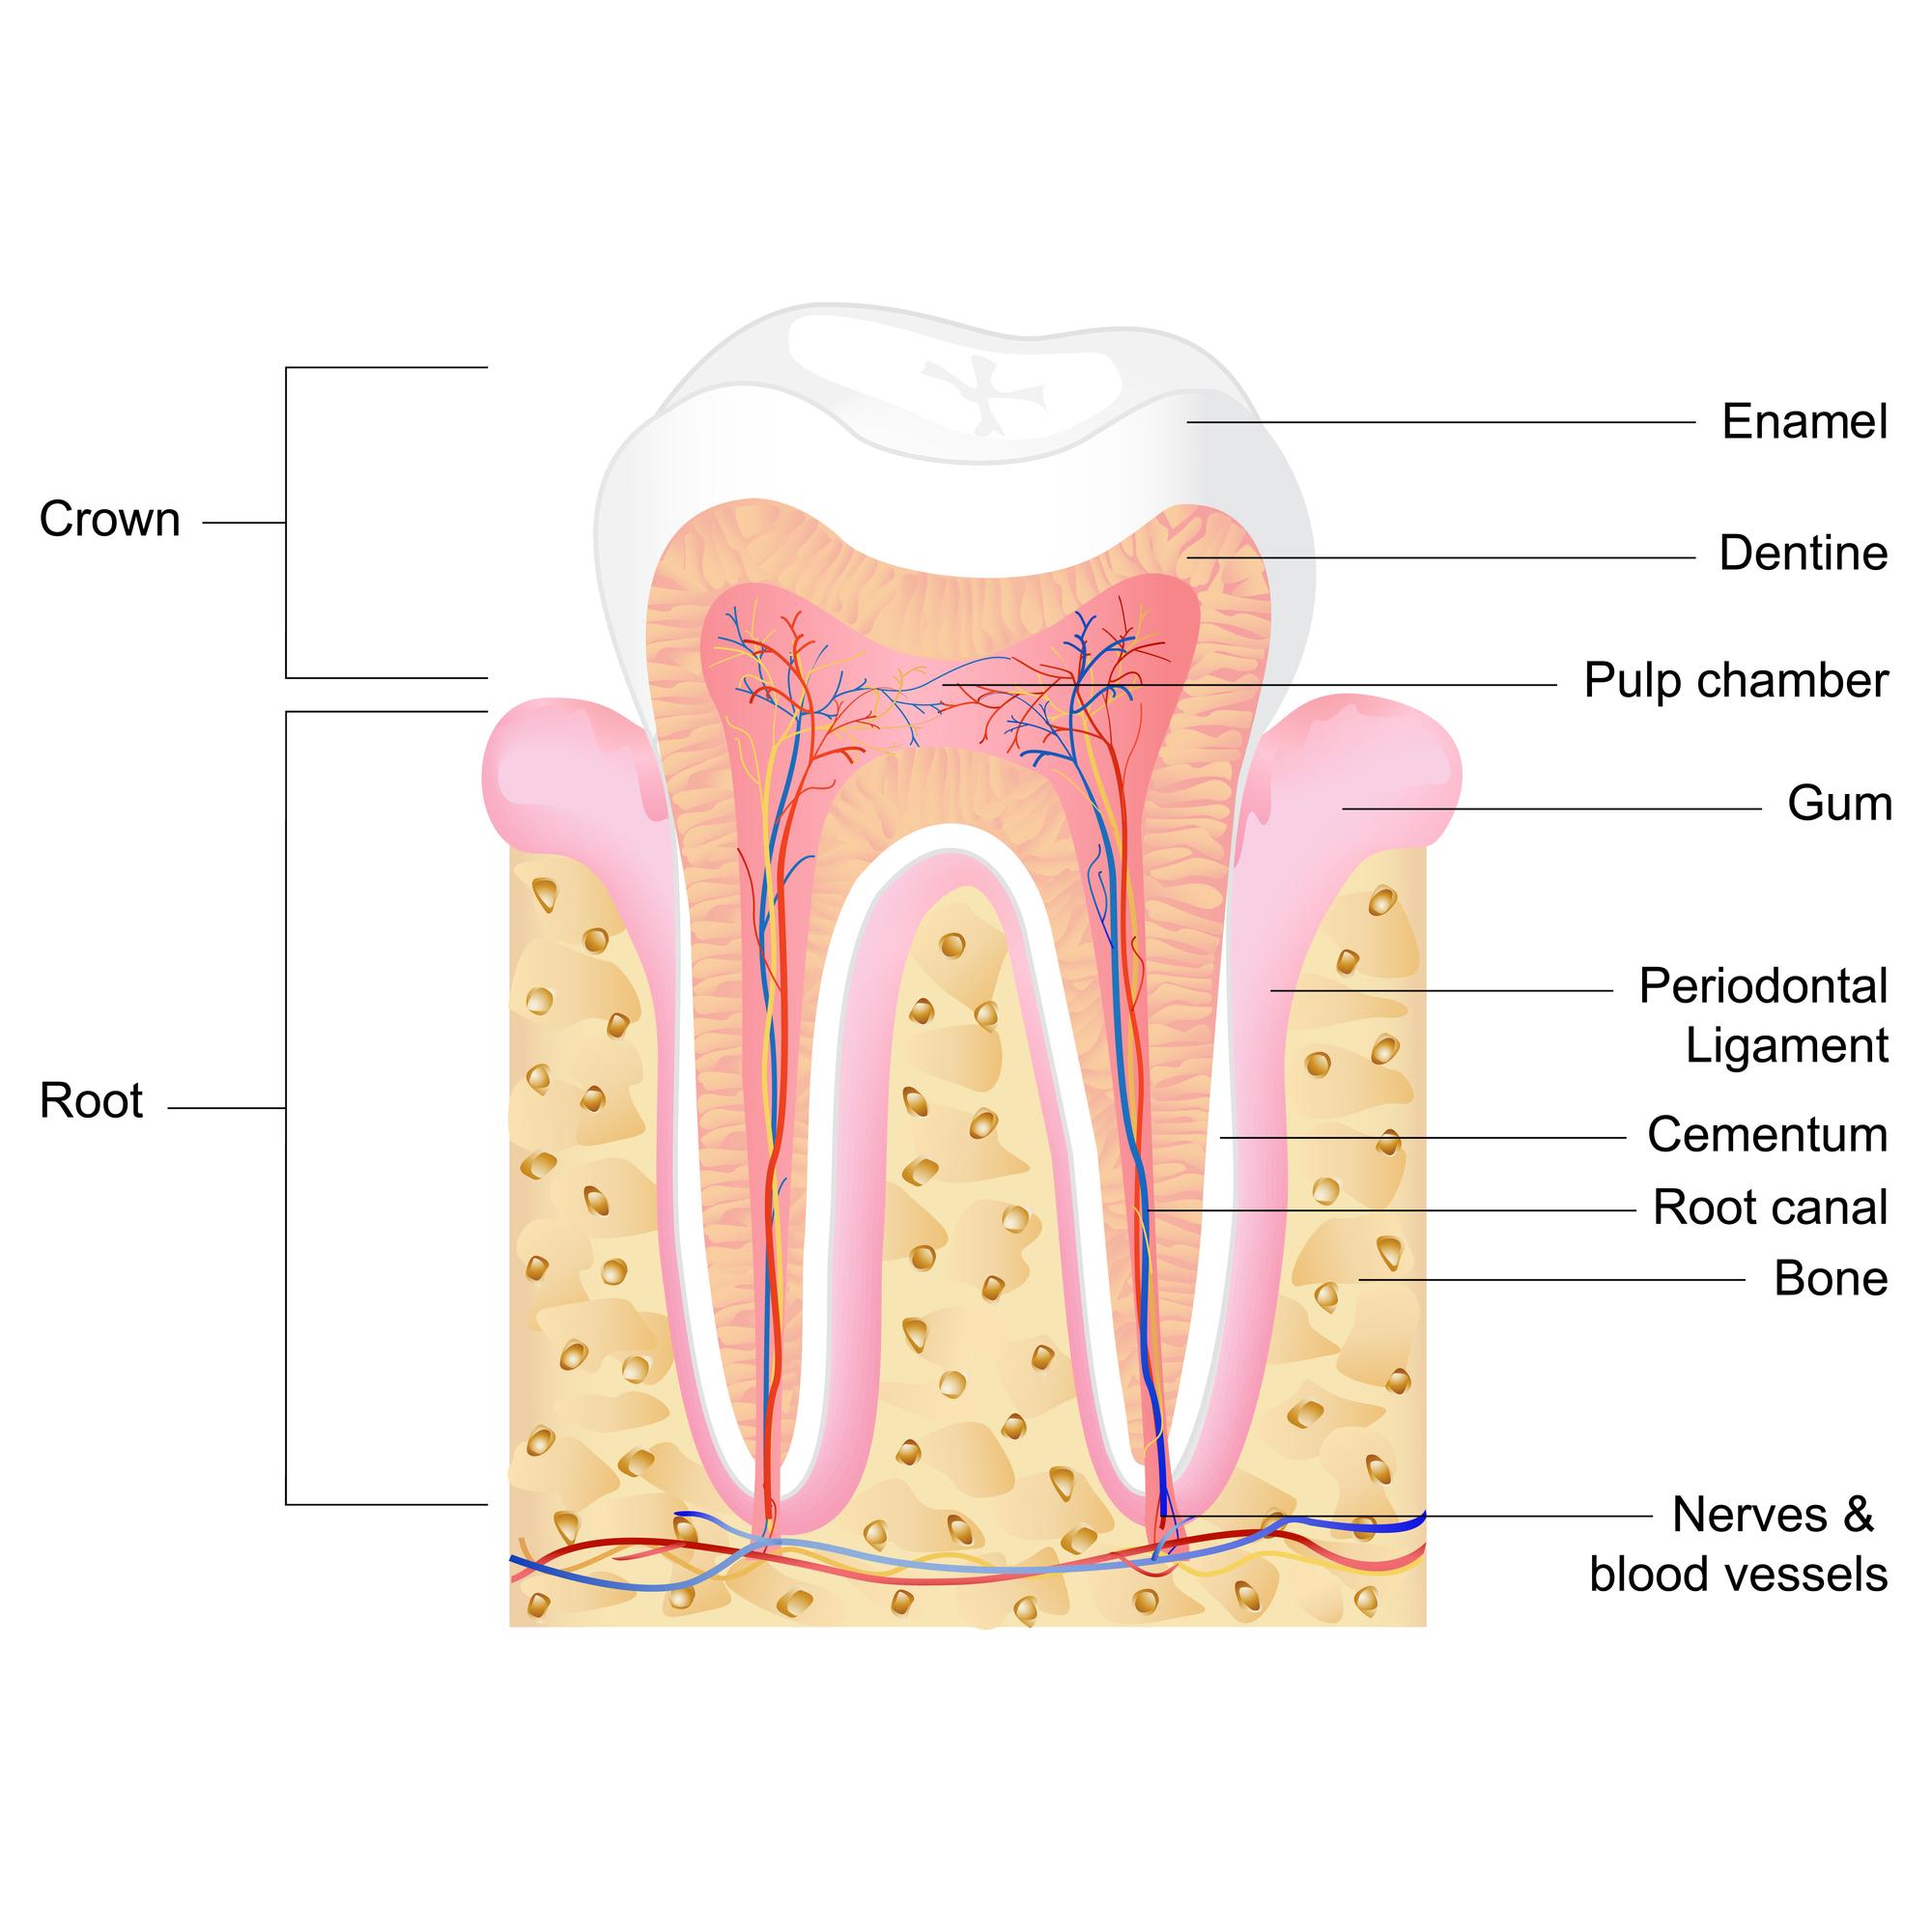 Where do I go for Endodontics Kendall?